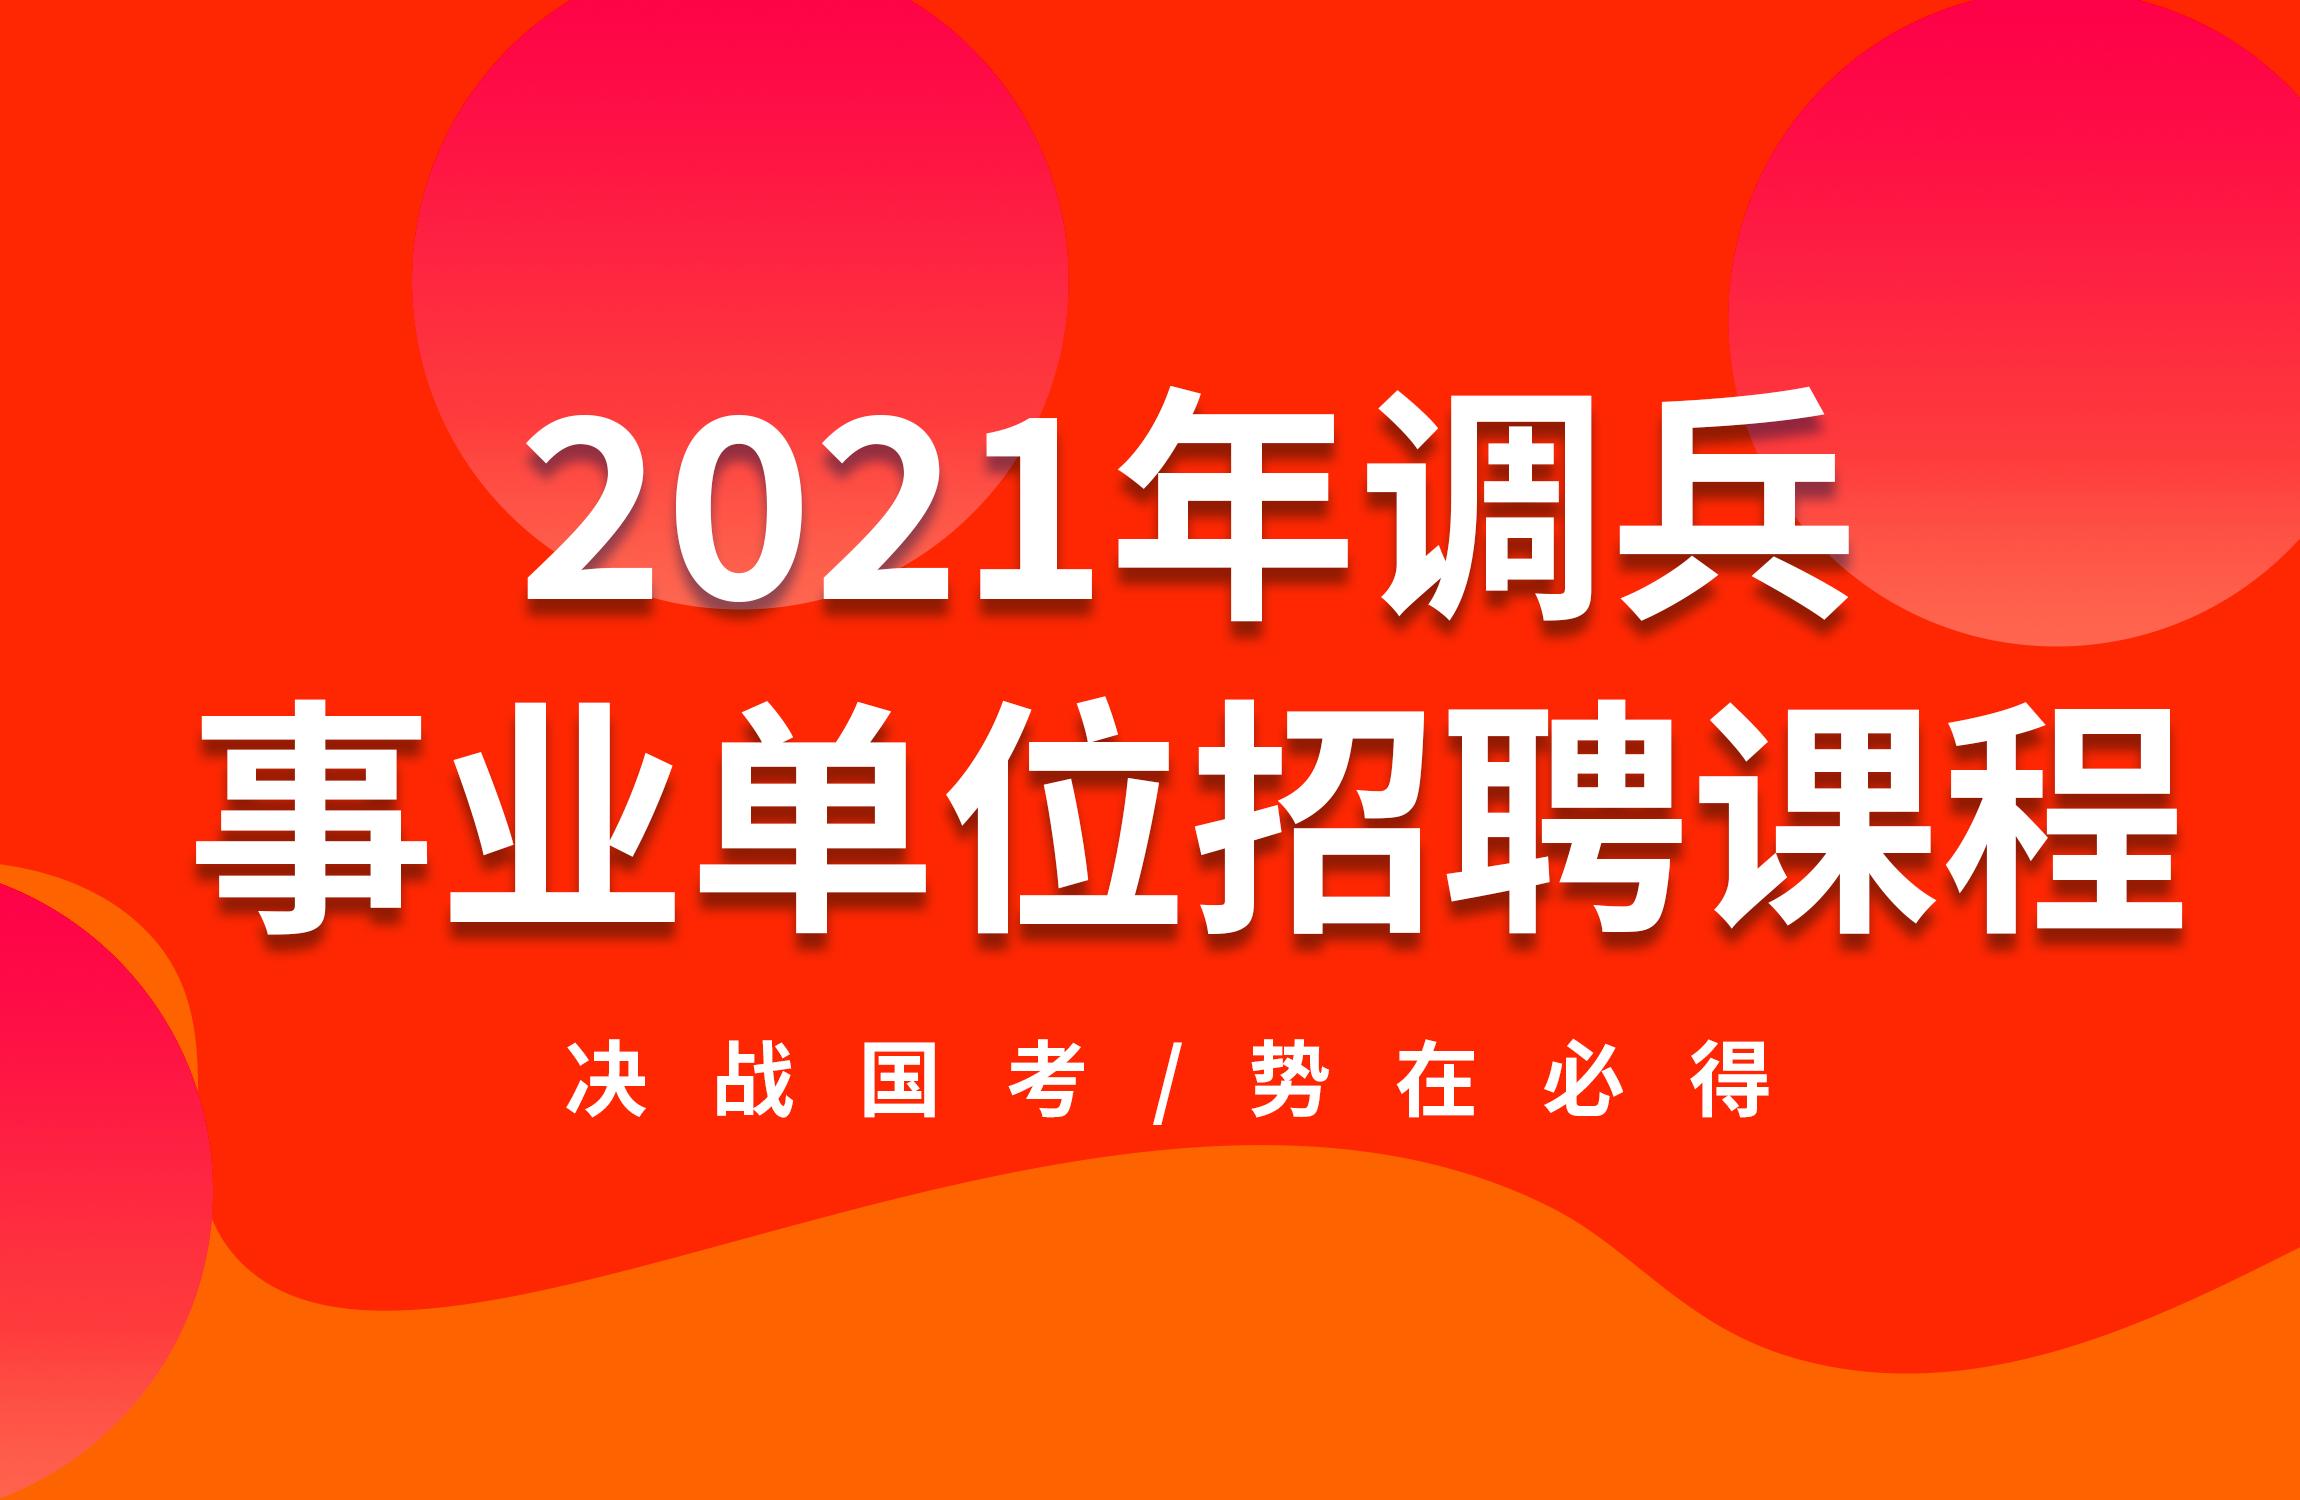 2021年调兵事业单位招聘课程